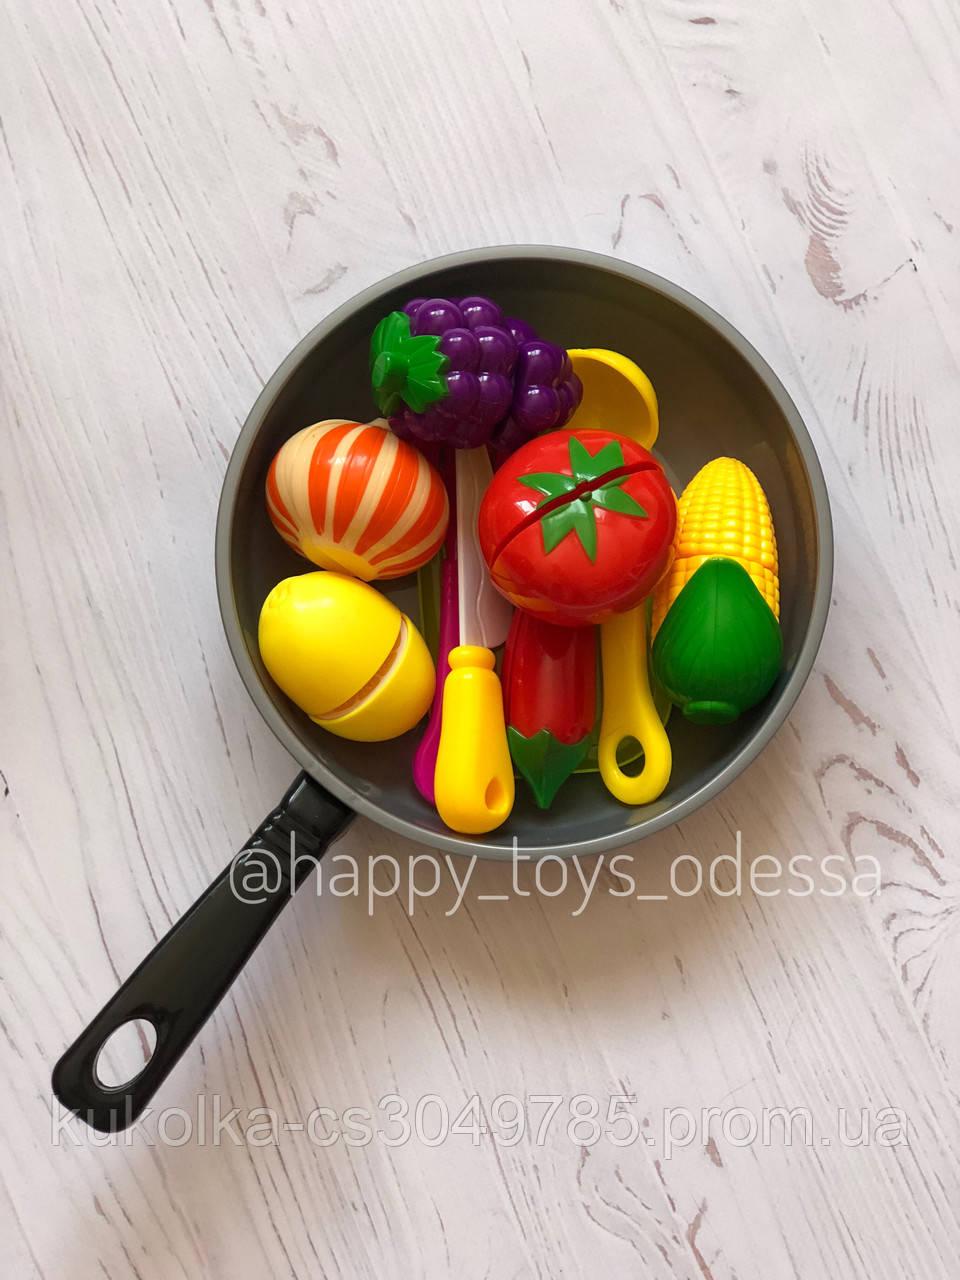 Сковородка с продуктами на липучках